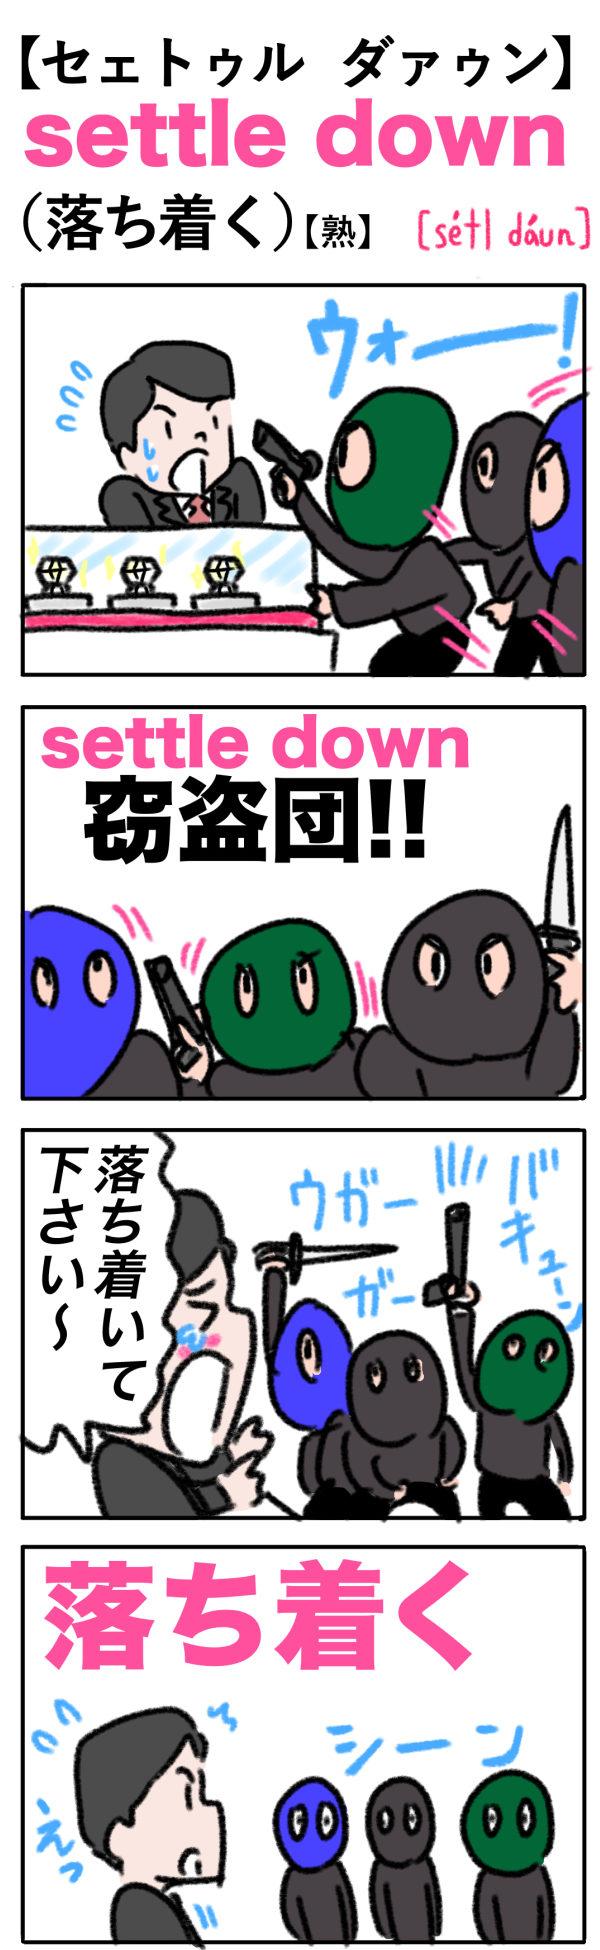 settle down(落ち着く)の語呂合わせ英単語